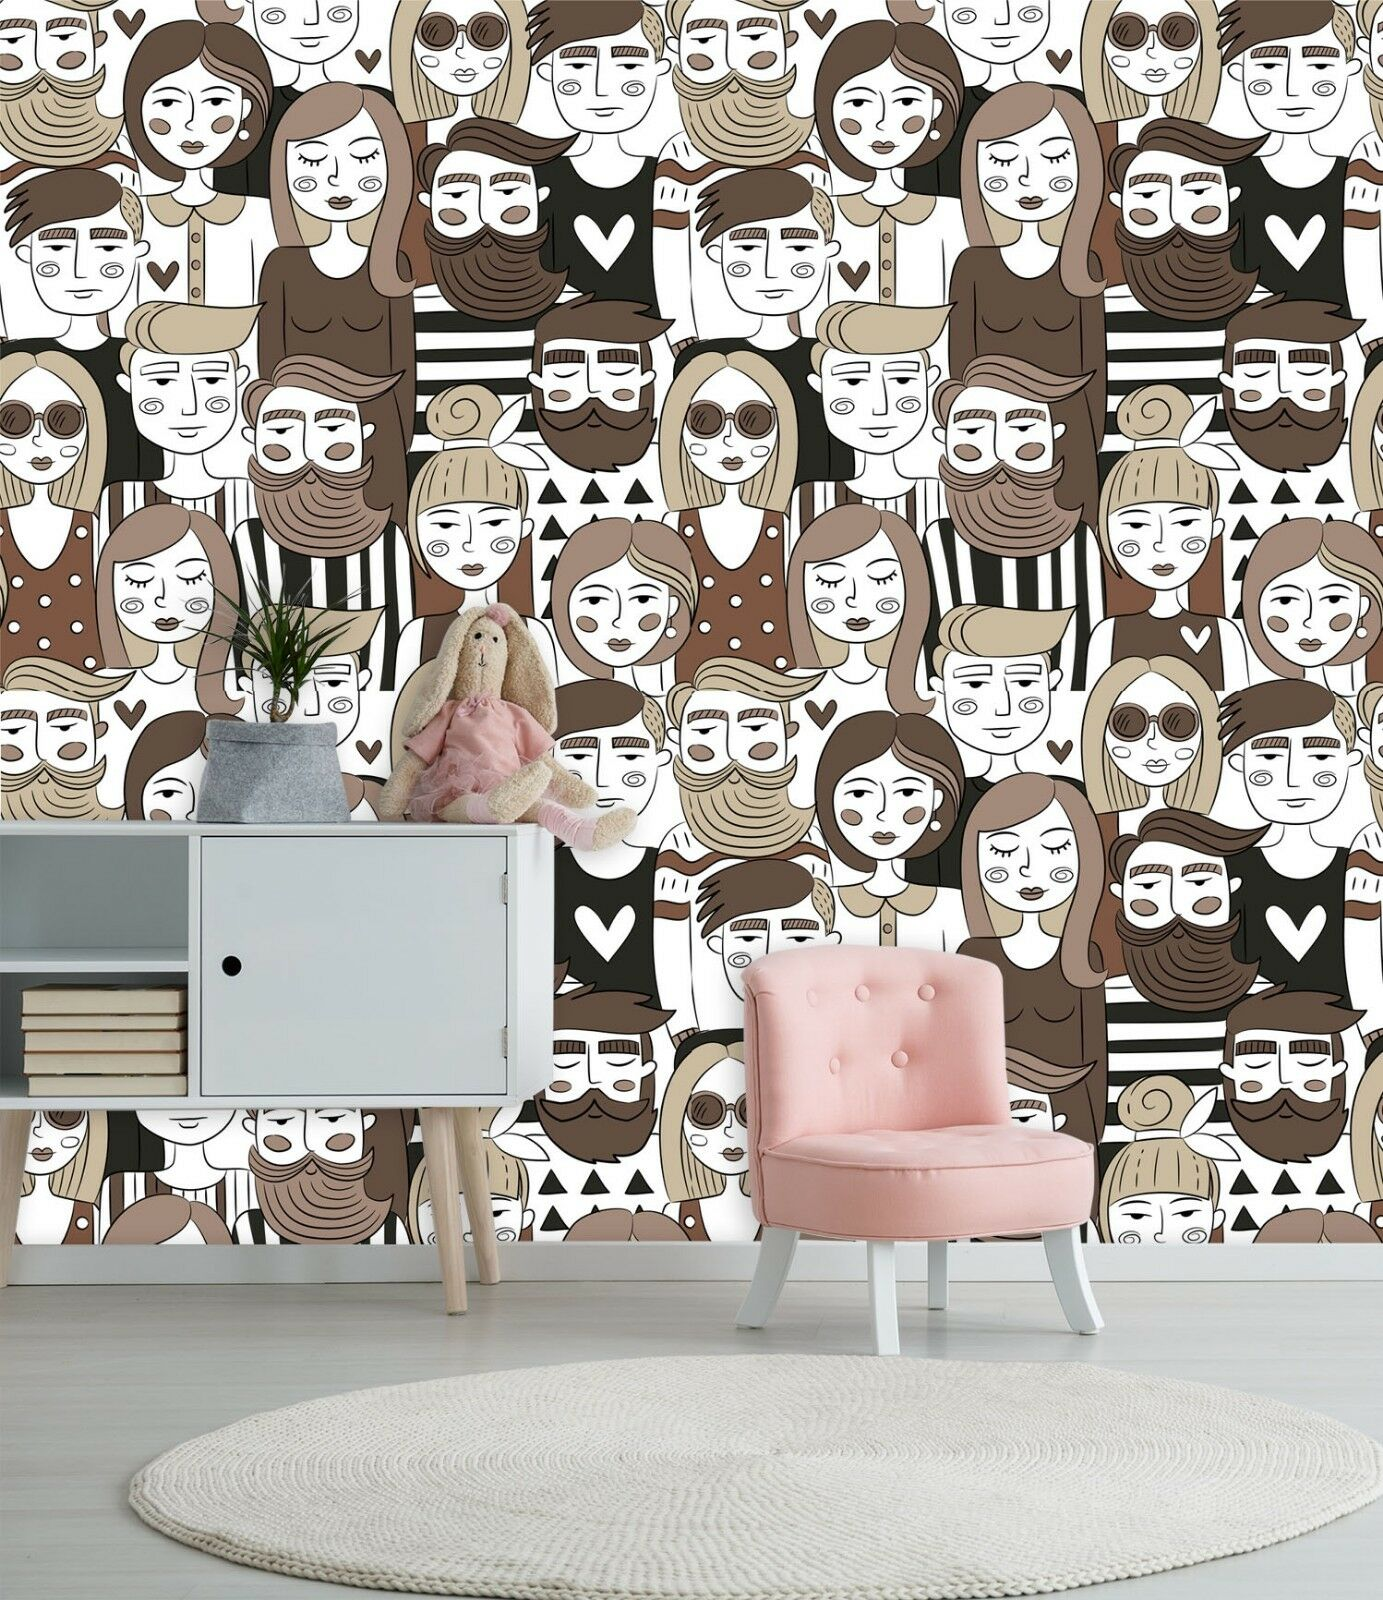 3D Adult Cartoon Comics 45 Wall Paper Wall Print Decal Deco Indoor Wall Mural CA